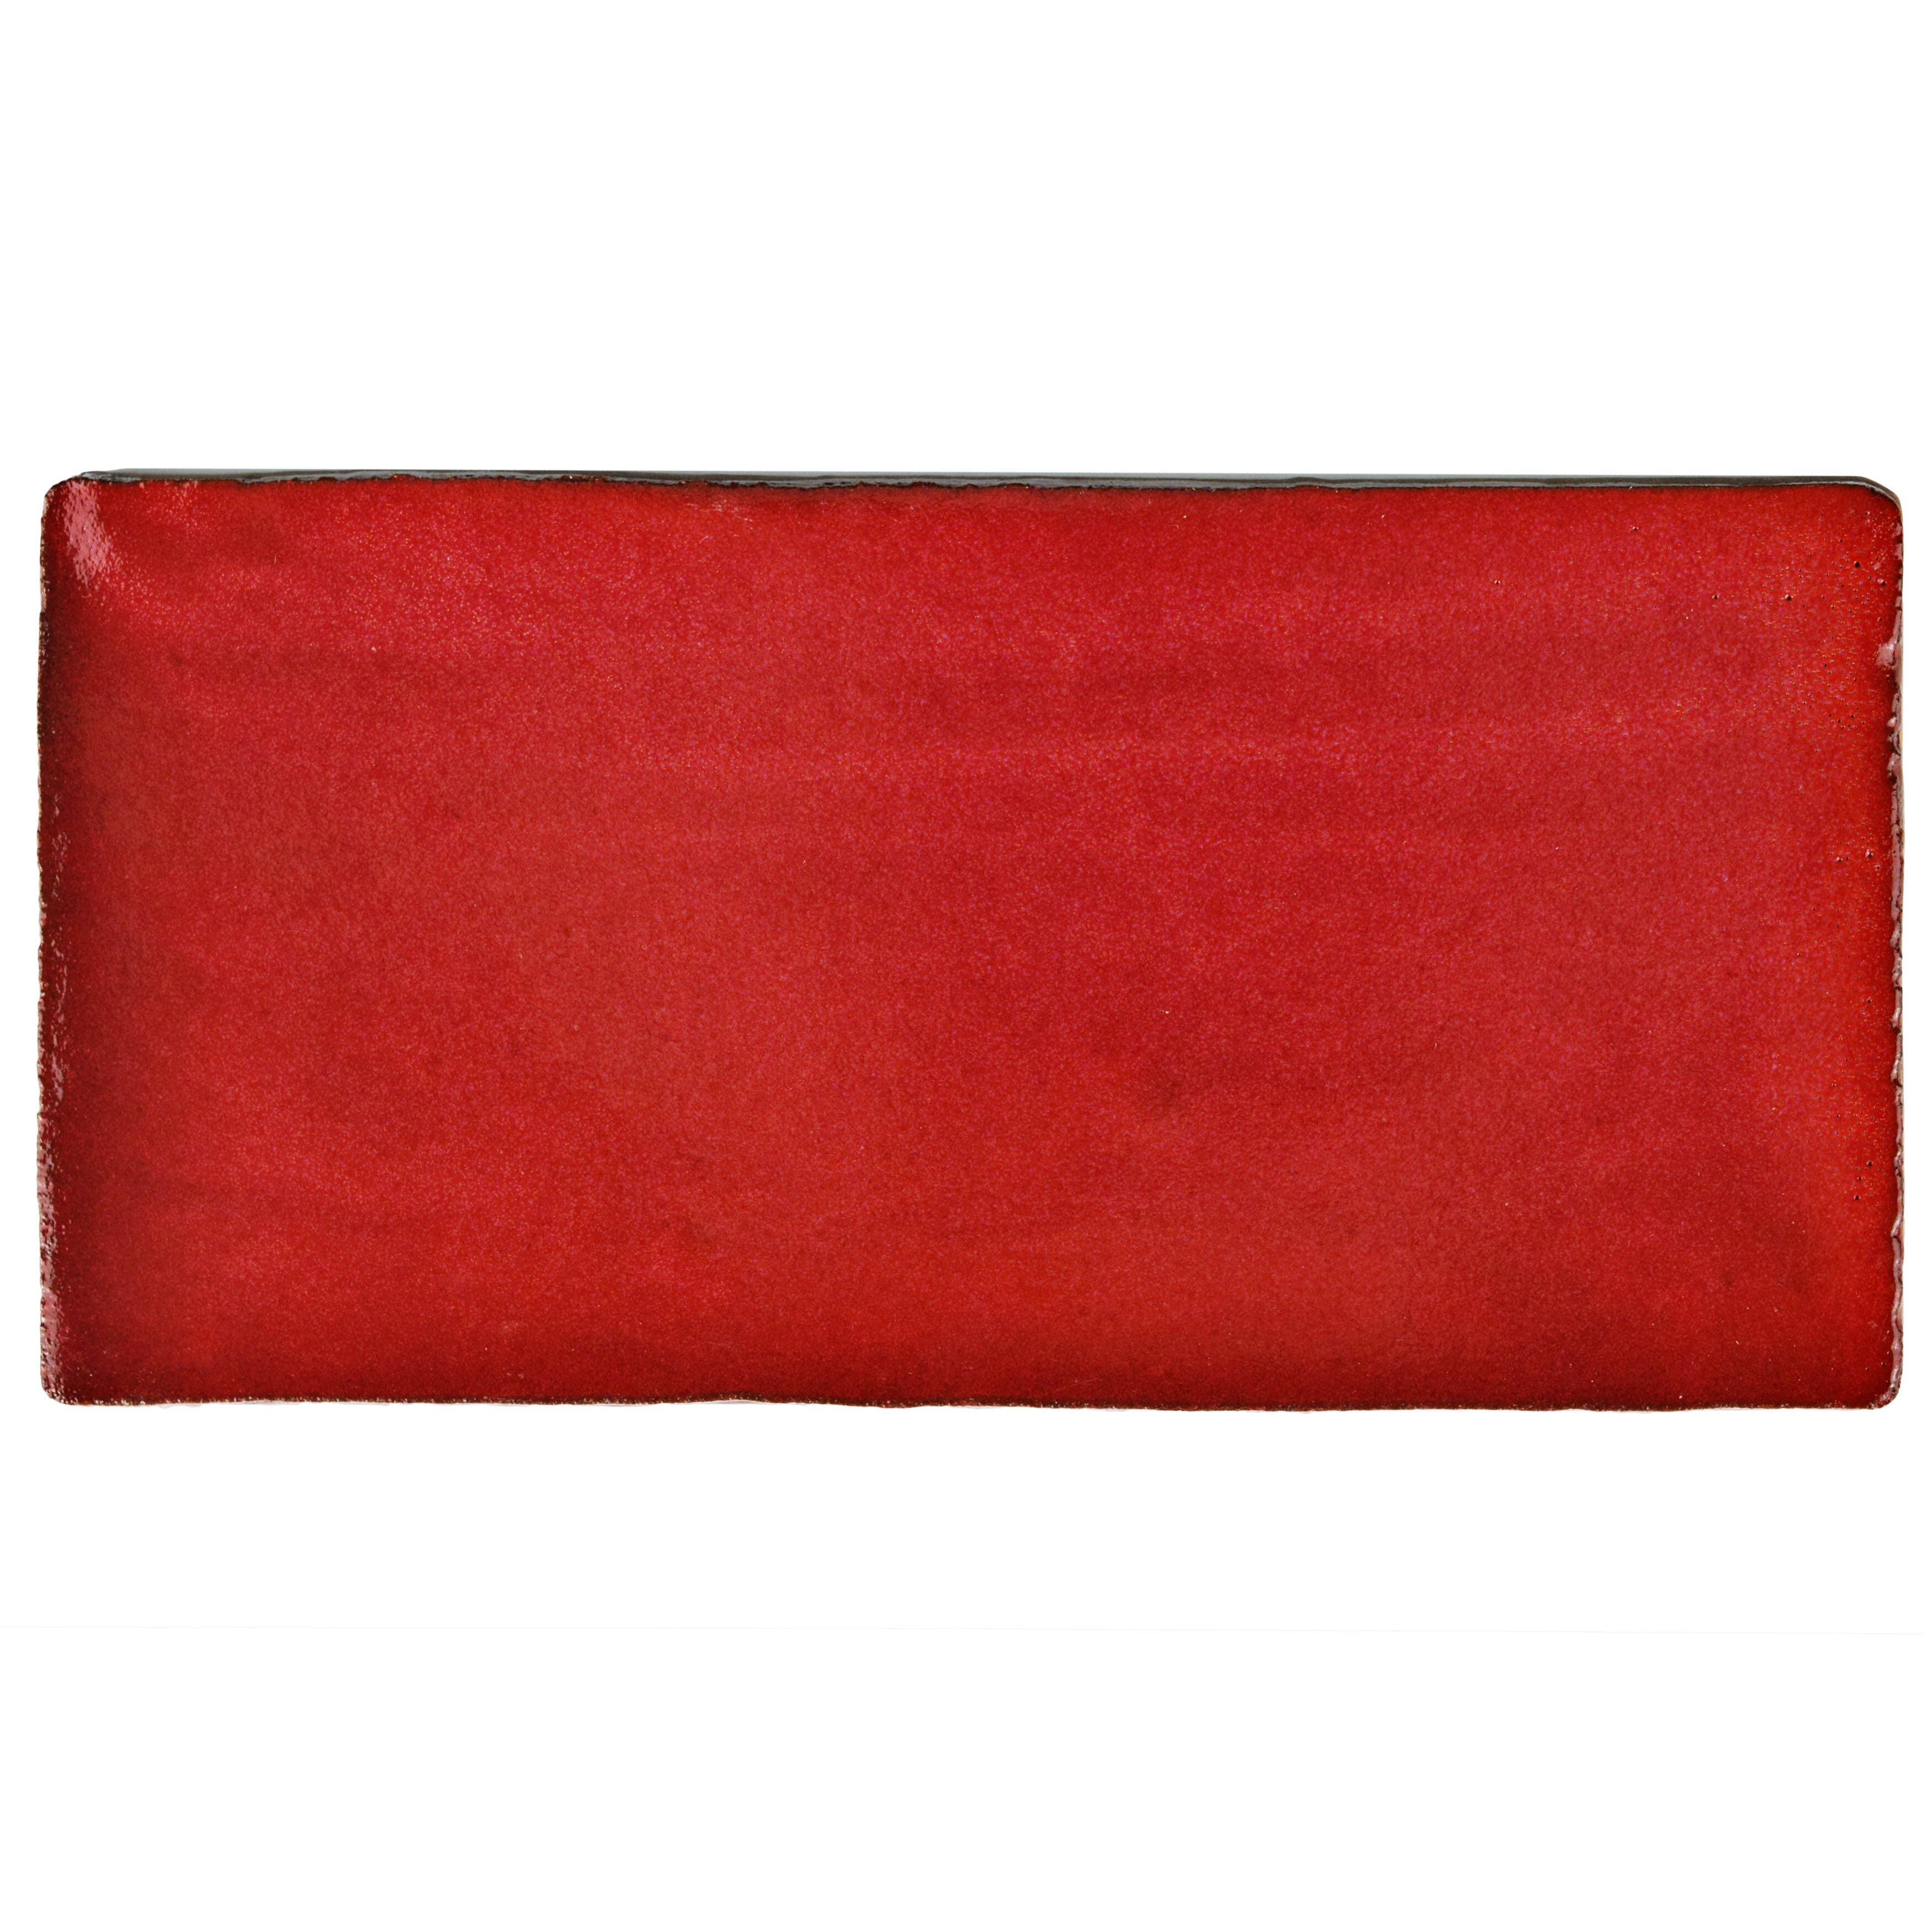 Elitetile Antiqua 3 X 6 Ceramic Tile In Special Red Moon Wayfair